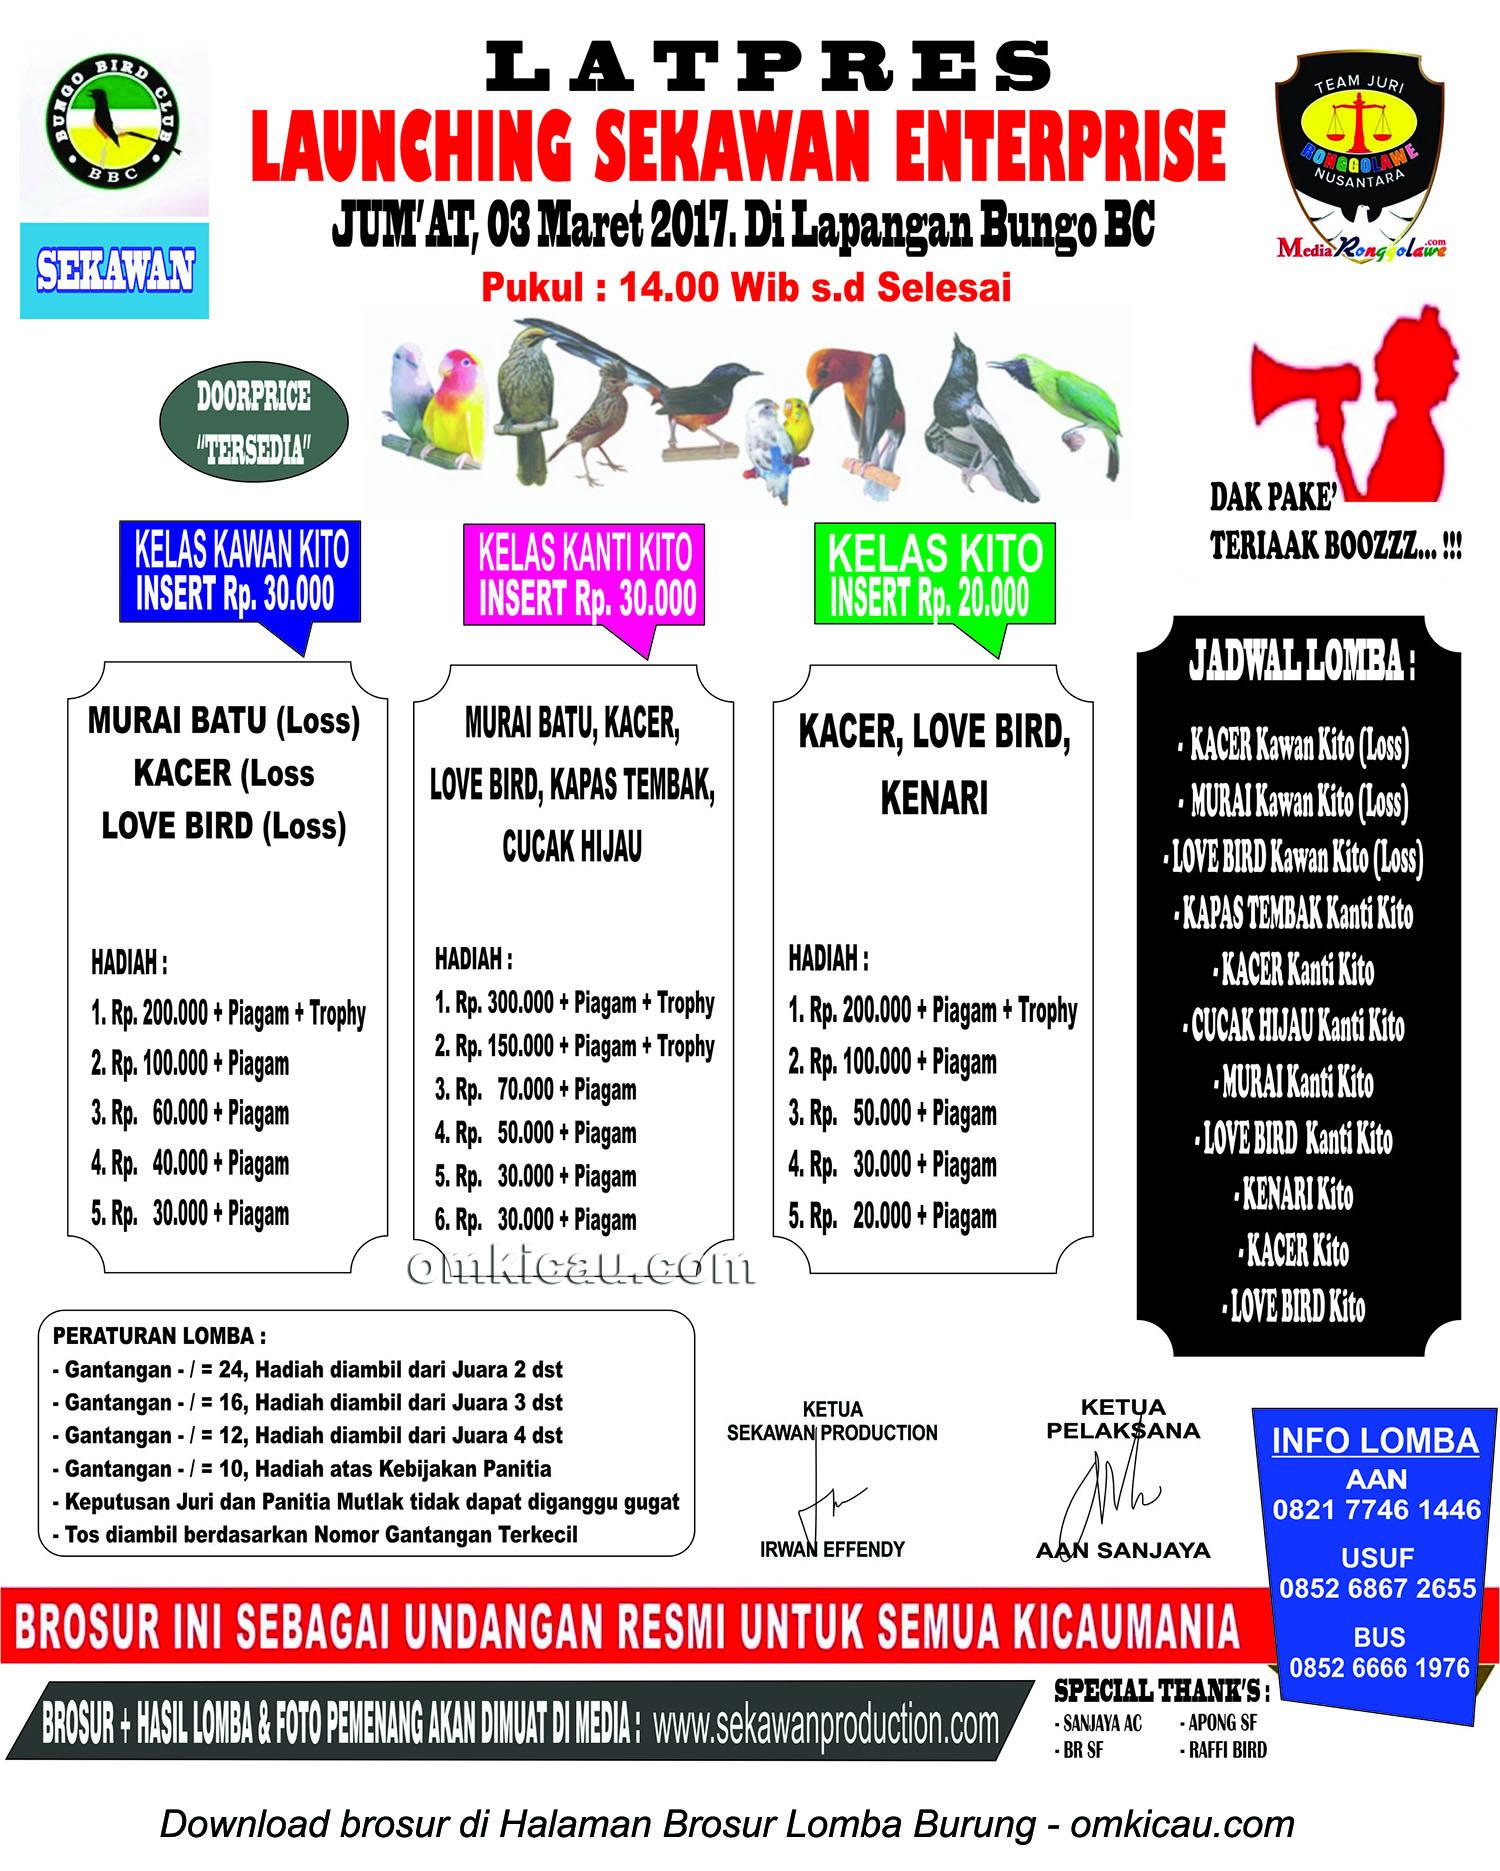 Brosur Latpres Launching Sekawan Enterprise, Bungo, 3 Maret 2017